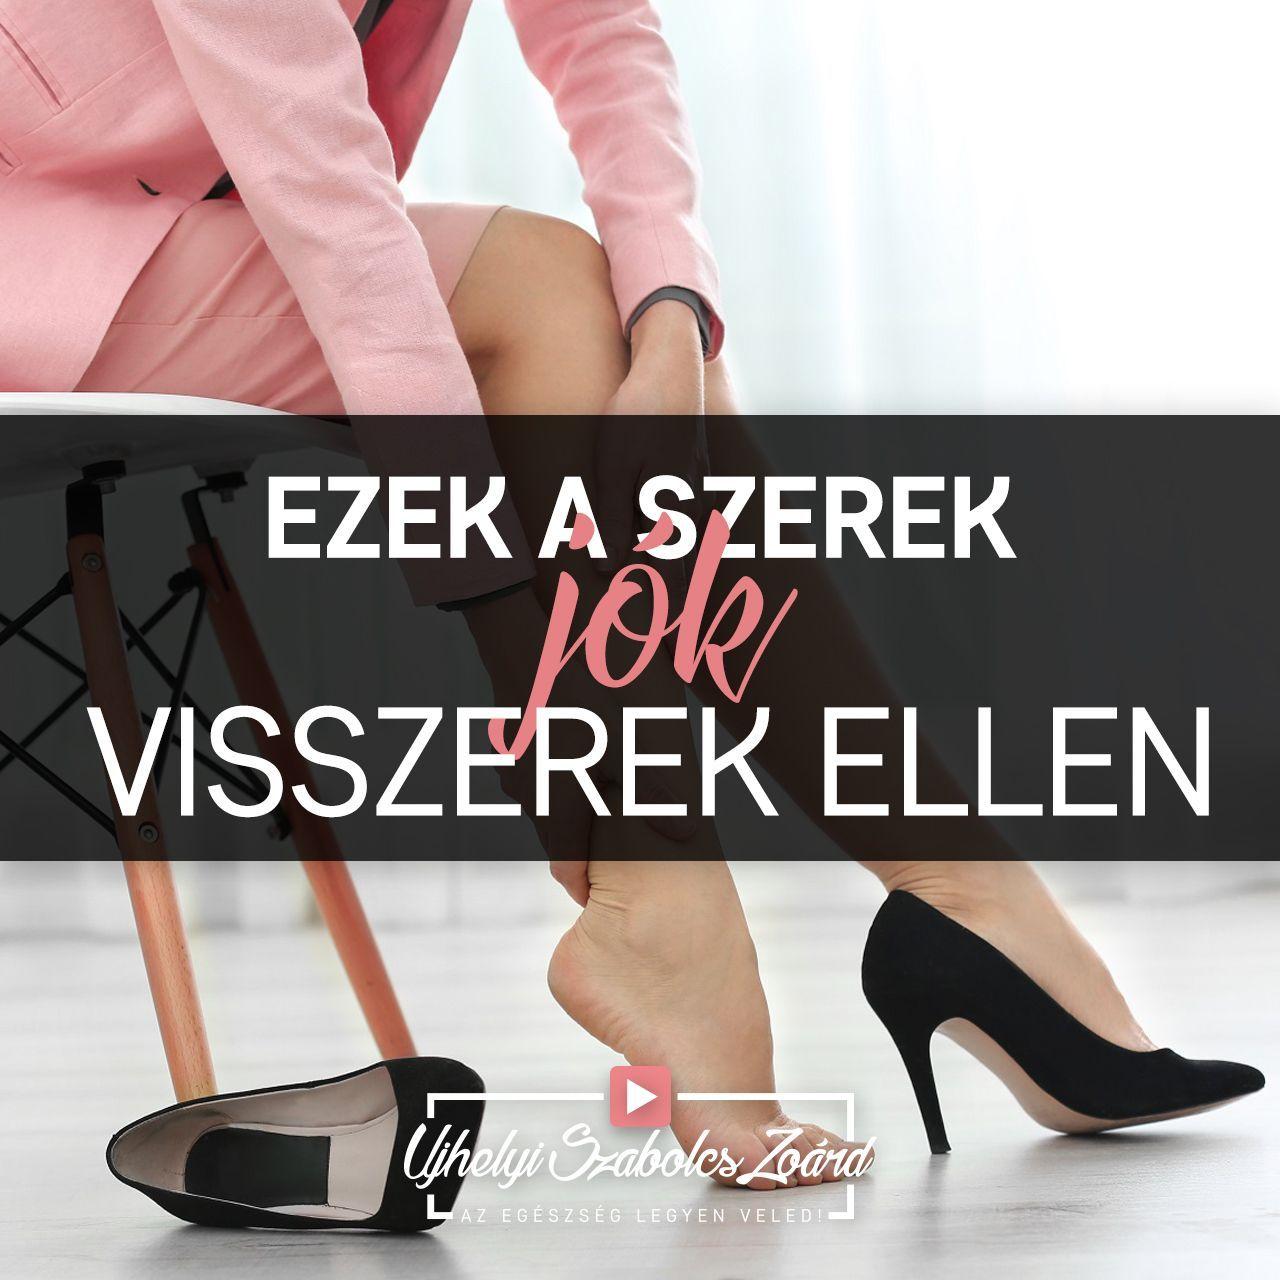 kényelmes cipő a visszér ellen